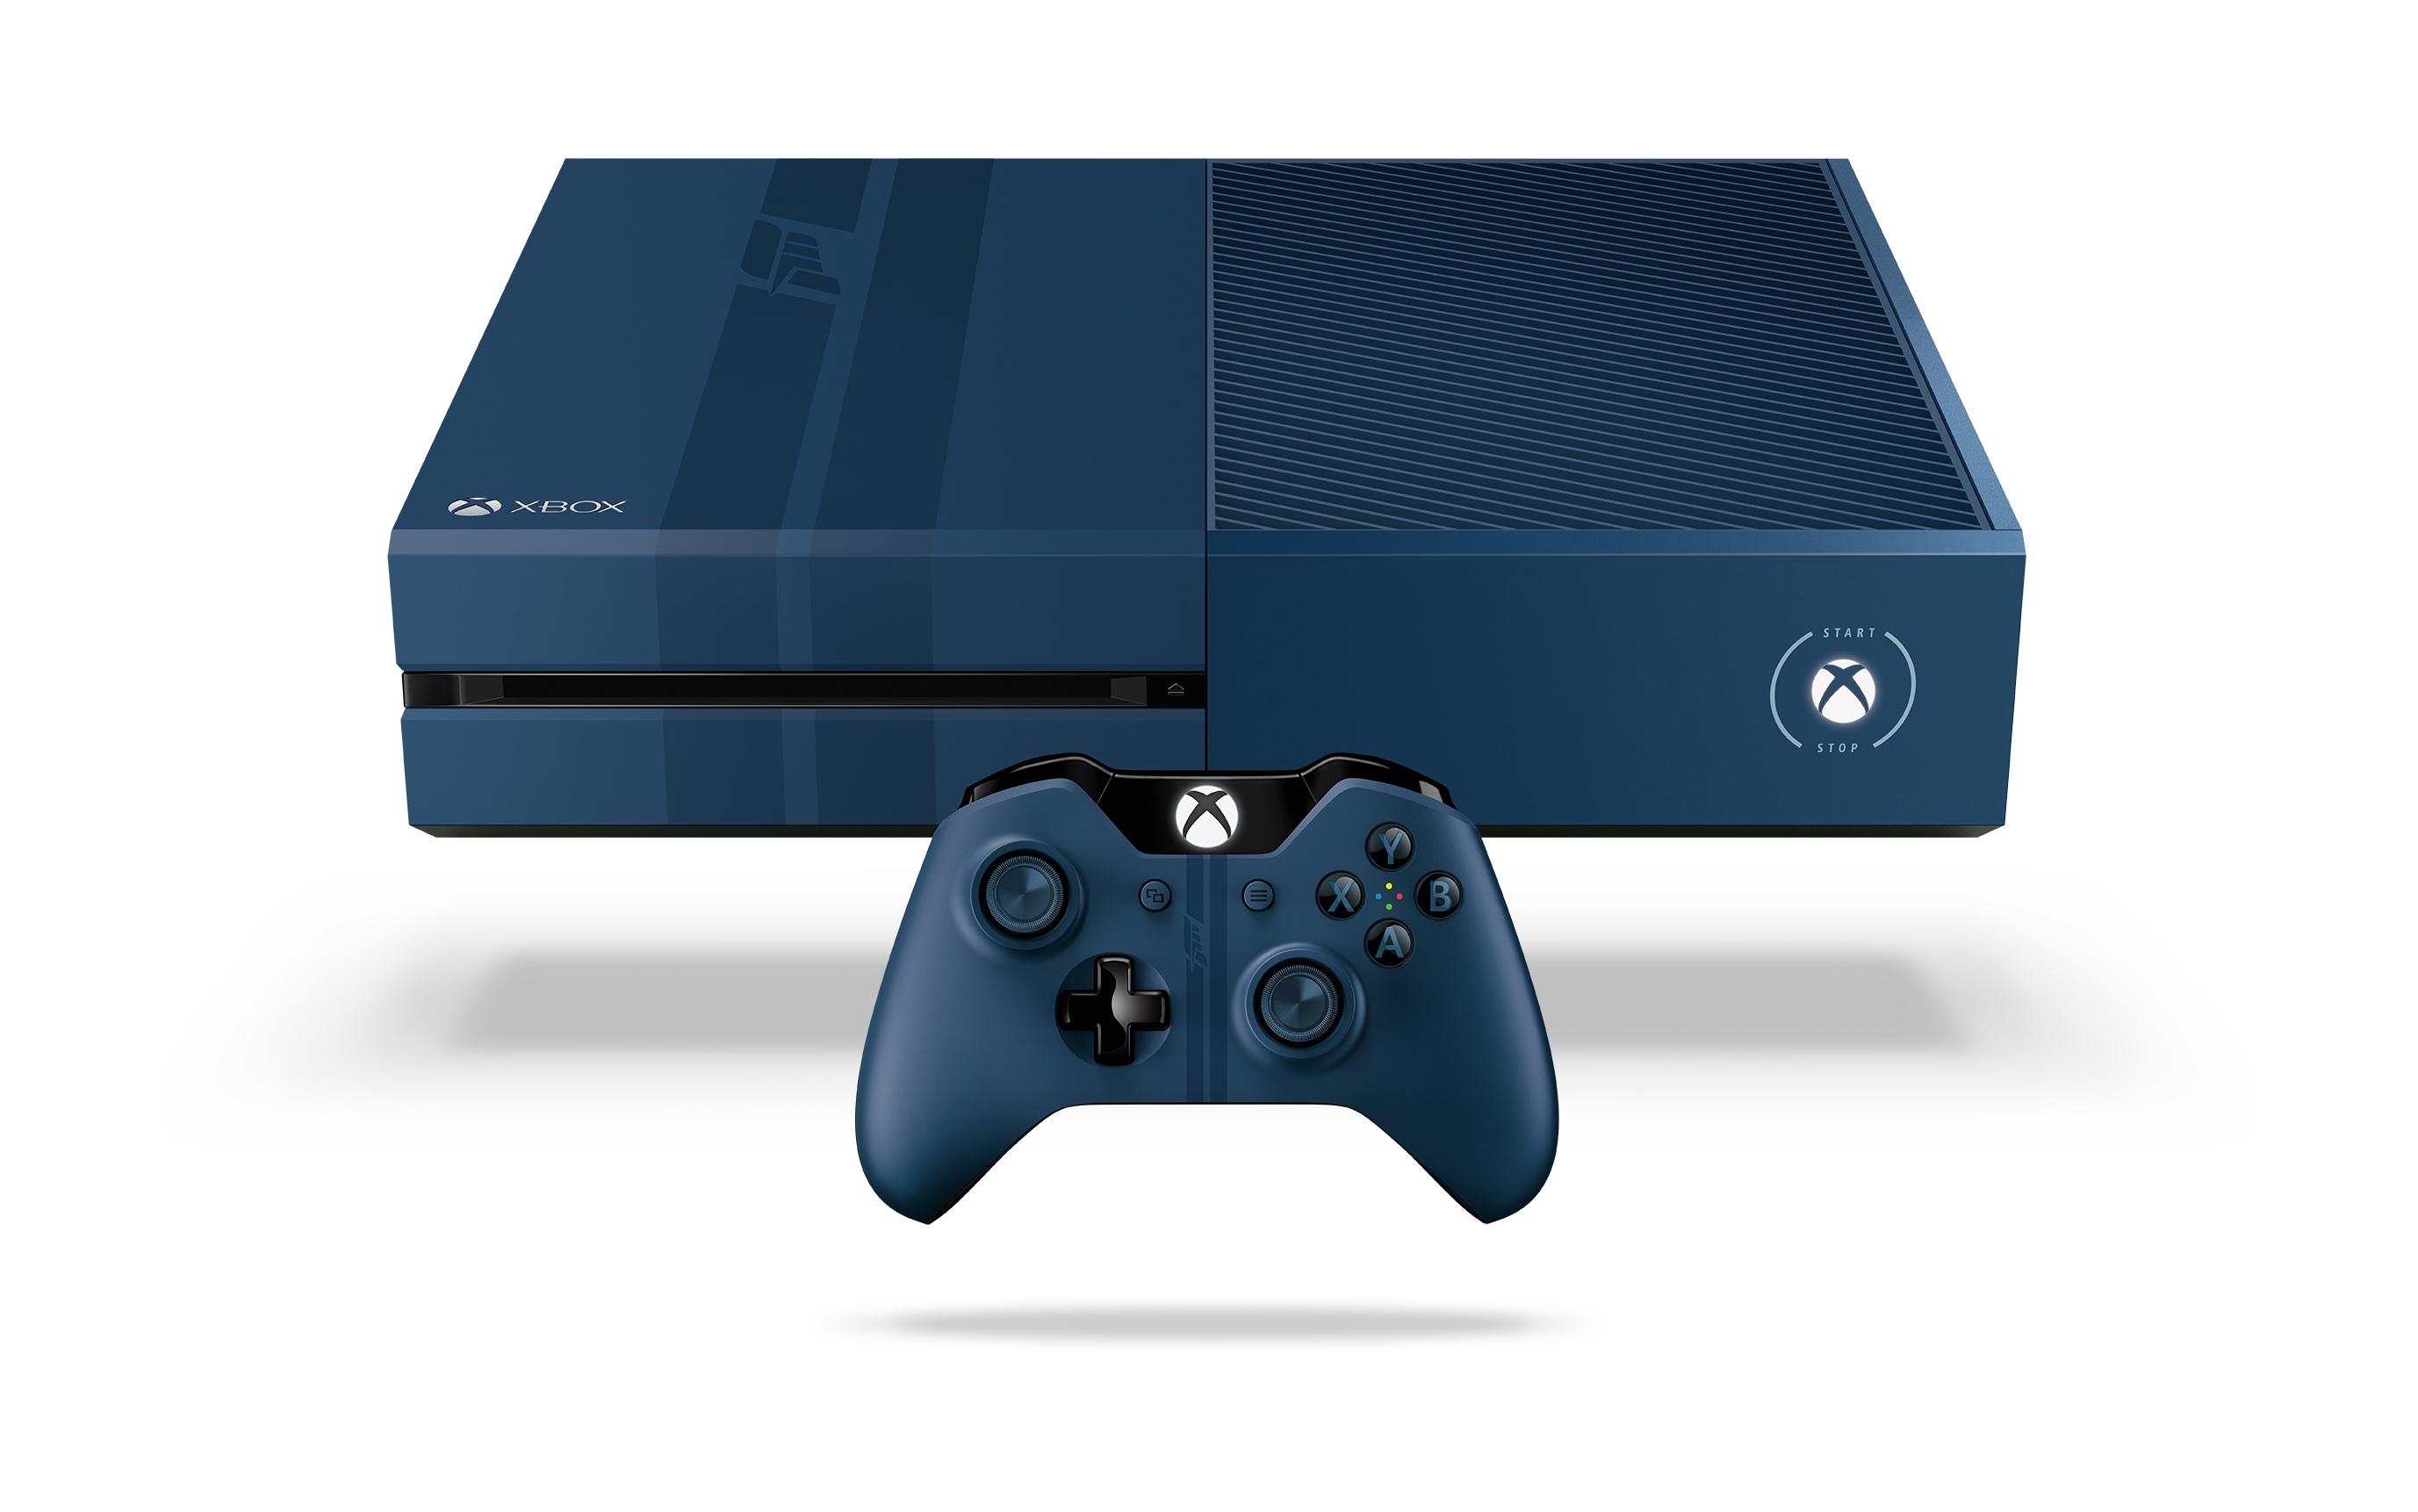 Xbox One nabízí více místa na hry a zábavu 110816